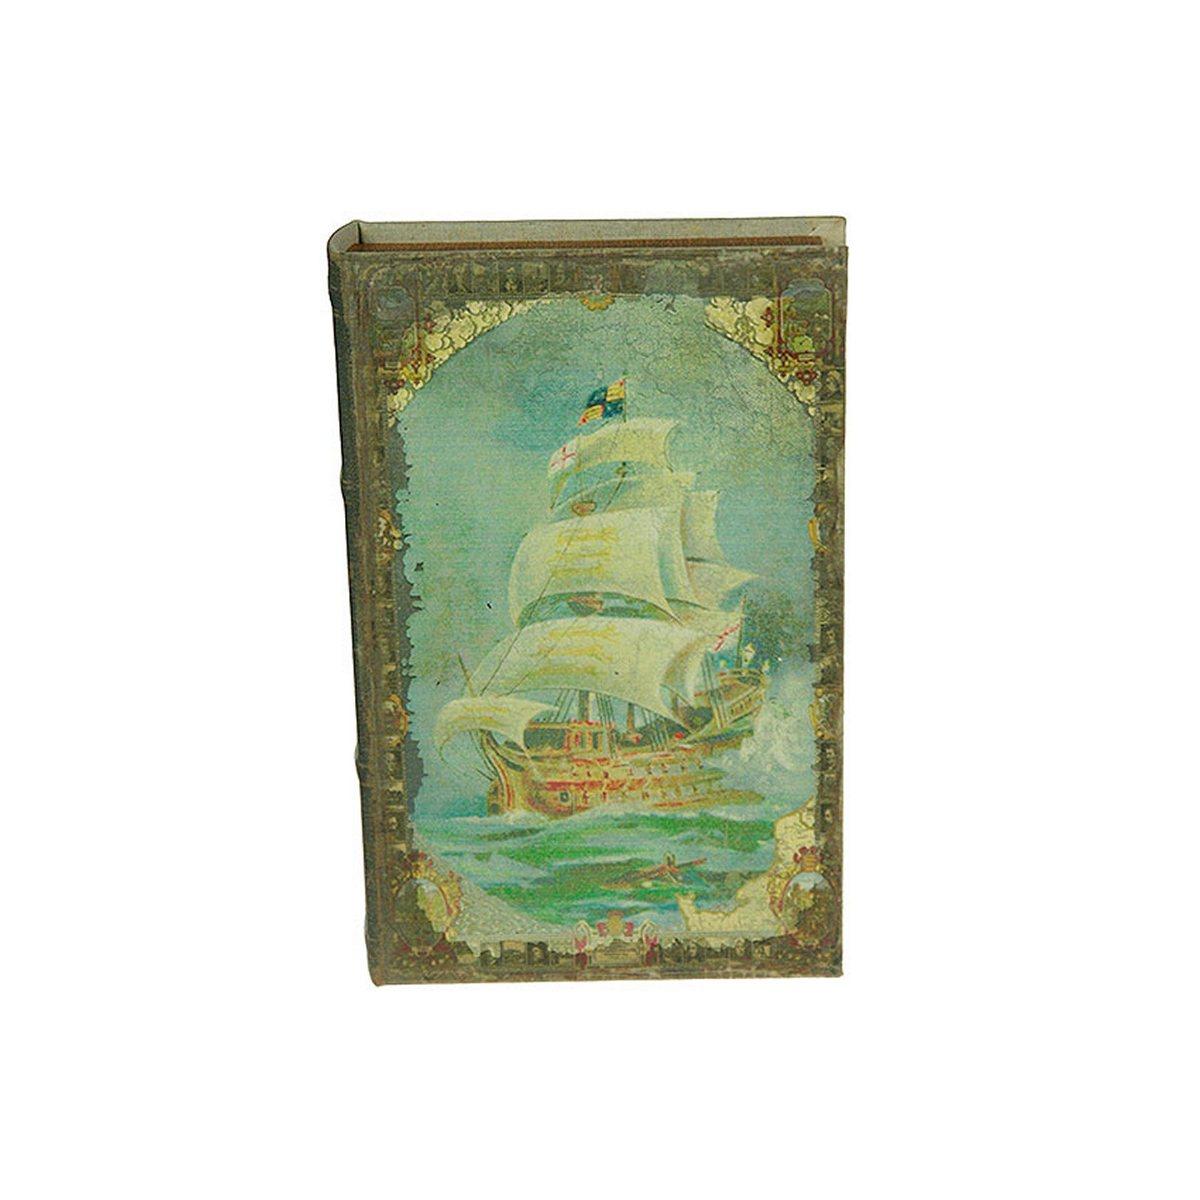 Шкатулка-фолиант Win Max Мореплаватели, 26 х 17 х 5 см. 184247 шкатулка фолиант париж 21 14 3см